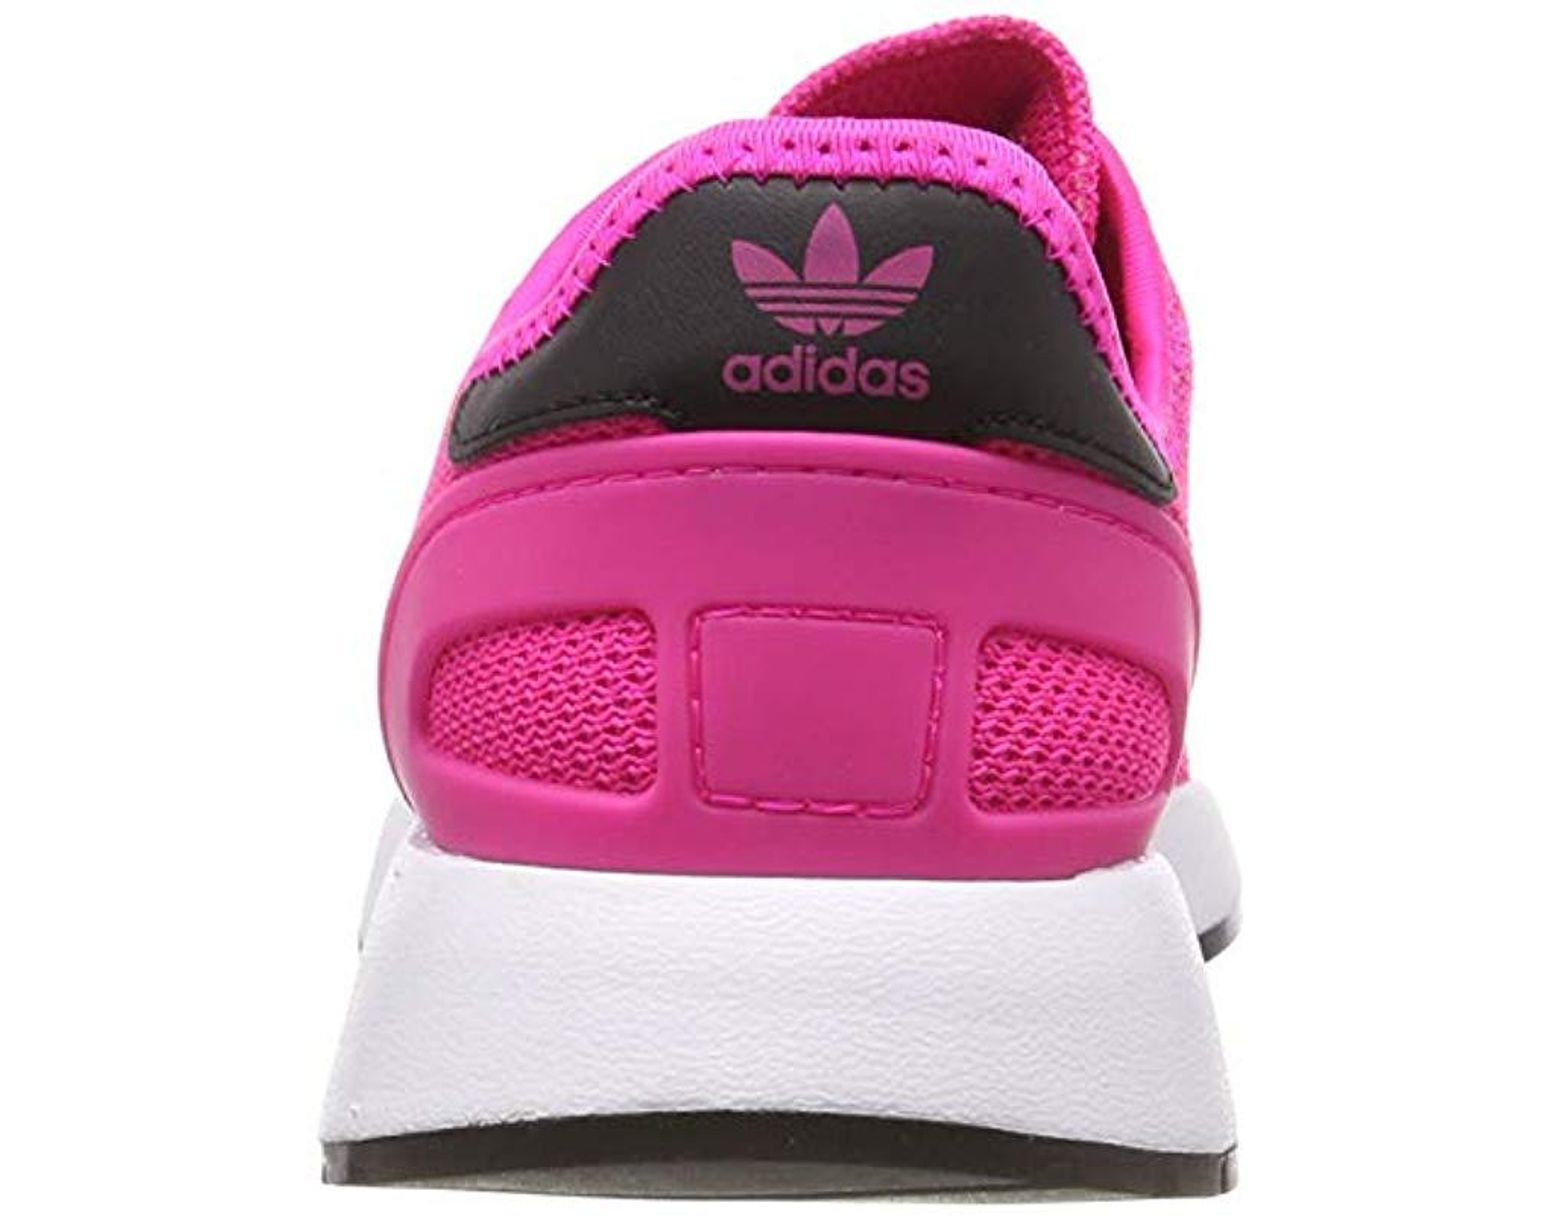 N 5923 J J, Chaussures de Fitness Mixte Enfant femme de coloris rose